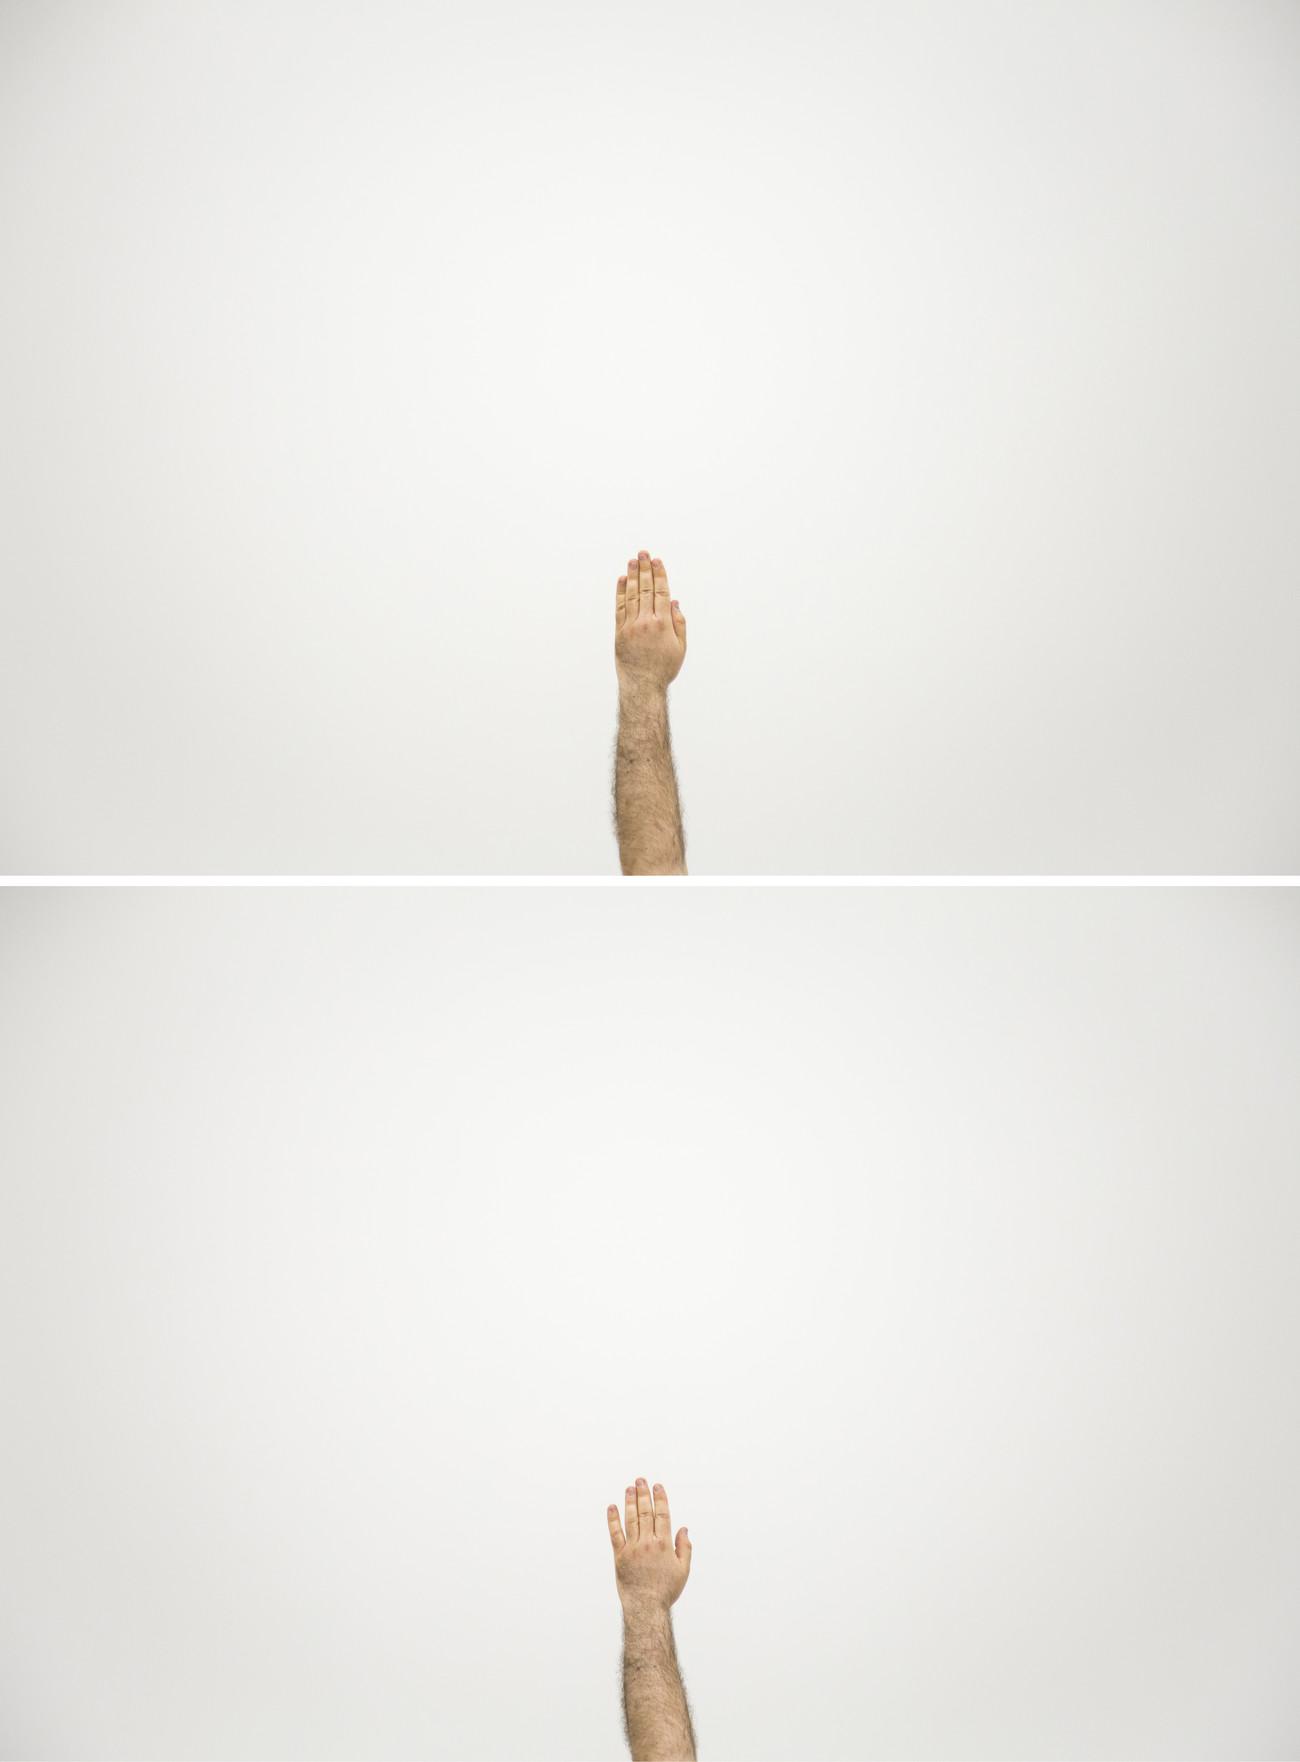 Steve Giasson. Performance invisible n° 140 (Lever la main). D'aprèsCeal Floyer. The Answer. 2015. Performeur : Steve Giasson. Crédit photographique : Daniel Roy. Galerie UQO, Gatineau. 21 avril 2018.